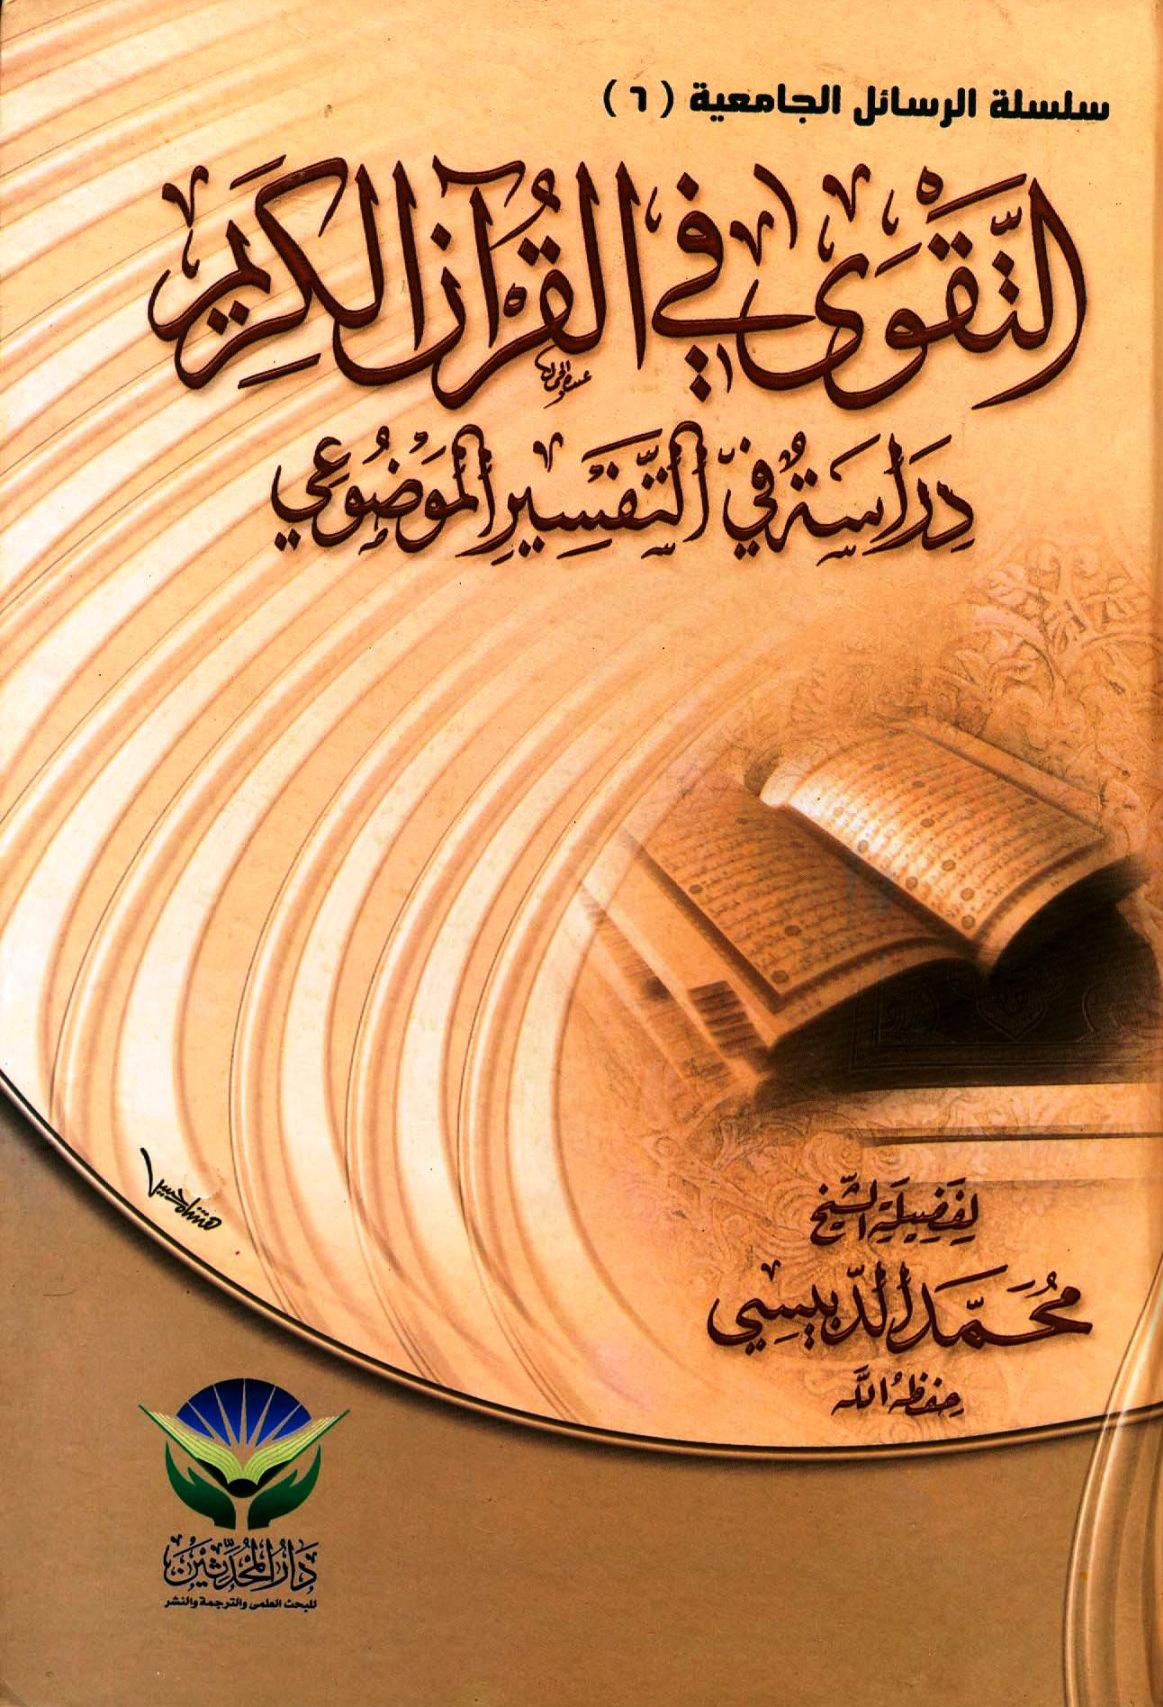 تحميل كتاب التقوى في القرآن الكريم (دراسة في التفسير الموضوعي) لـِ: الدكتور محمد مصطفى عبد السلام الدبيسي